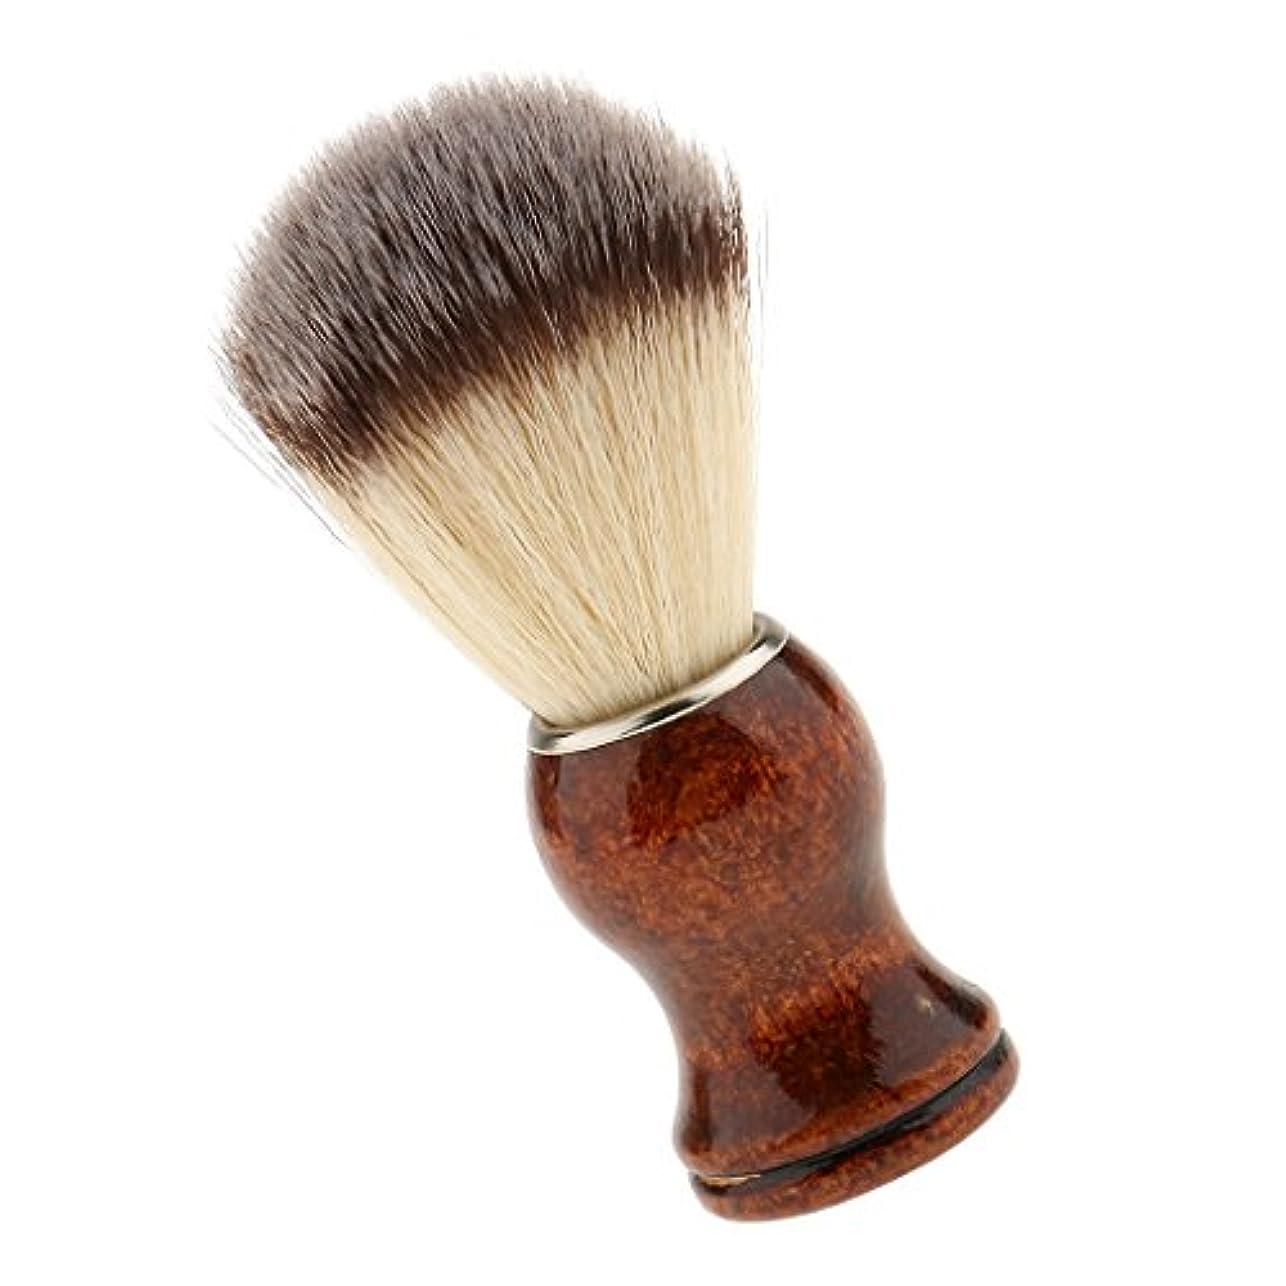 従事する誕生日是正SONONIA サロン 理髪用 ナイロン シェービングブラシ 首/顔 散髪整理  泡たてやすい ひげブラシ